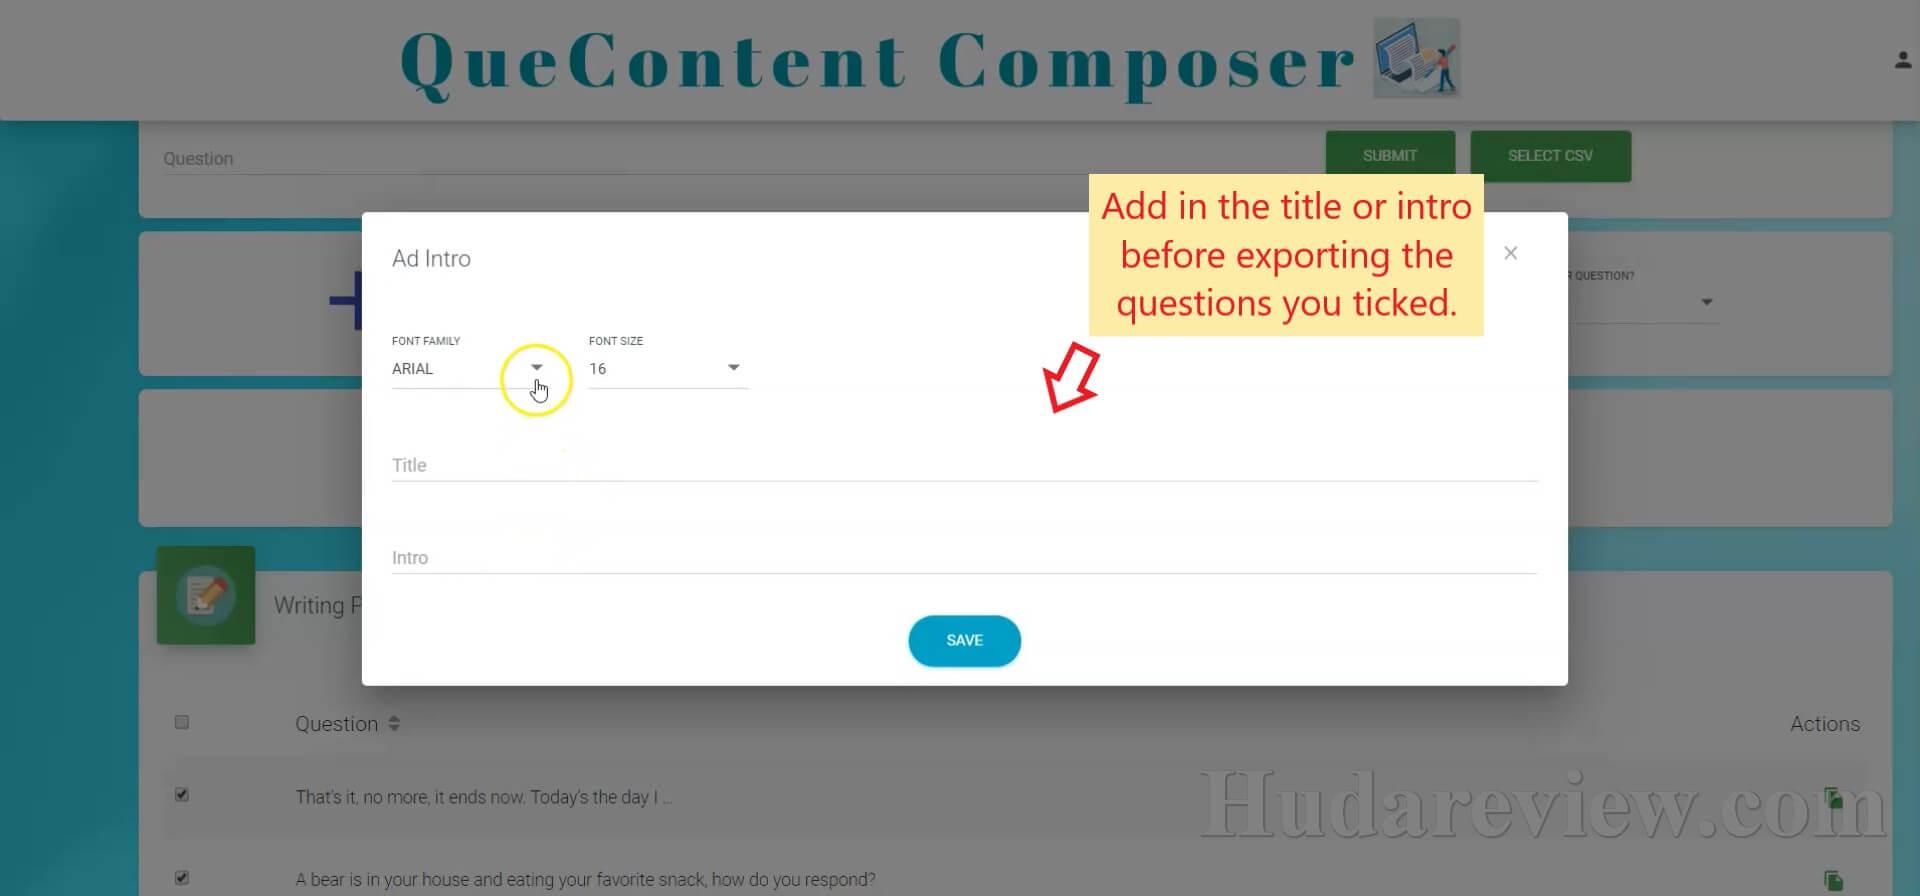 QueContent-Composer-Step-3-2